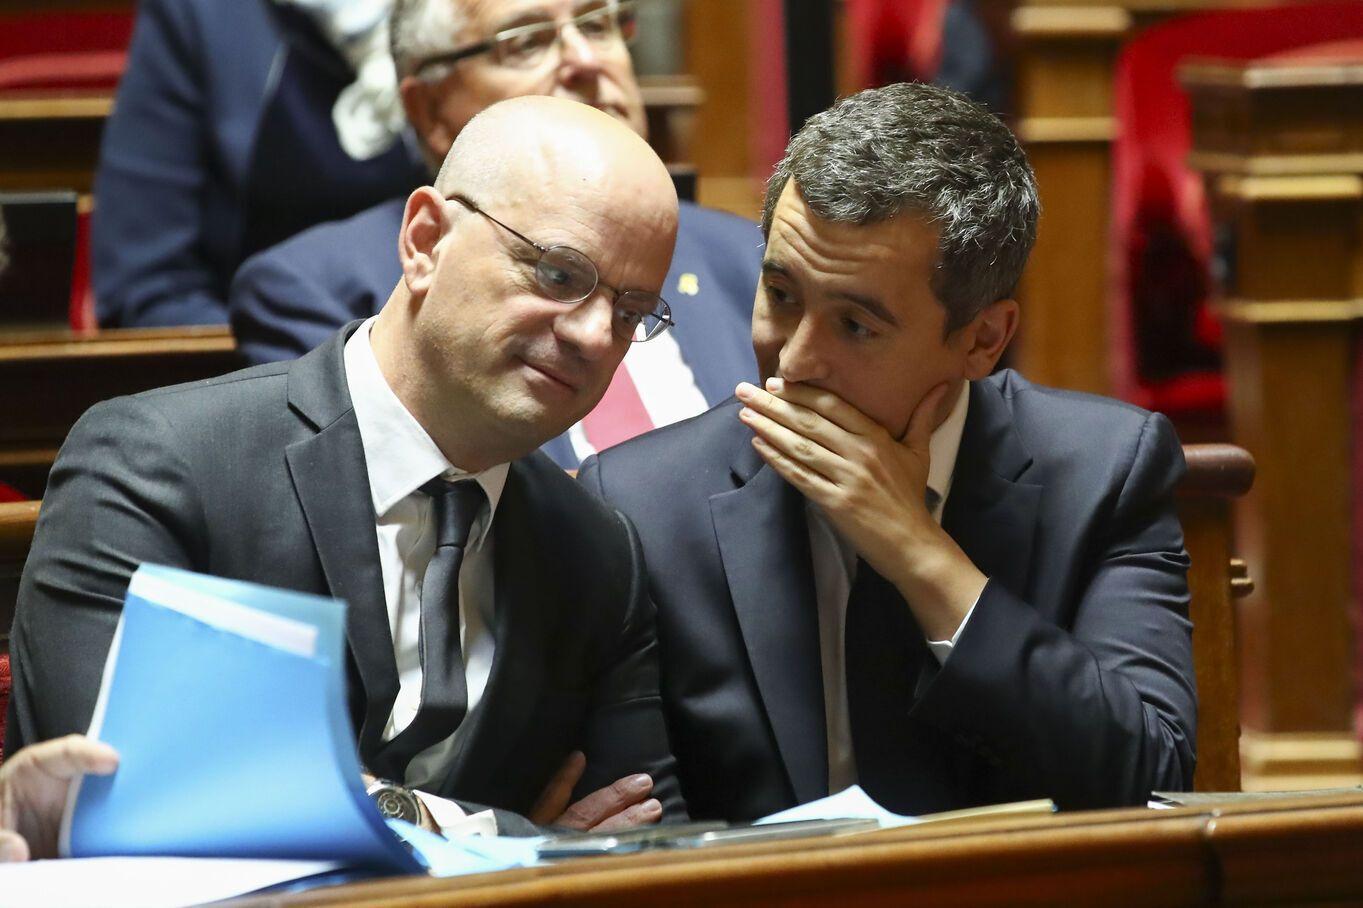 Jean-Michel Blanquer, un ministre dans la tourmente...